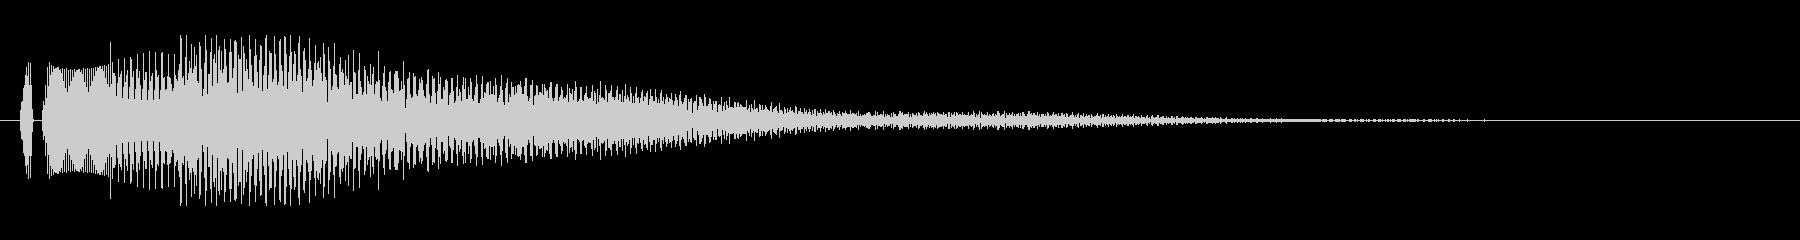 決定音です。ポポポン。の未再生の波形